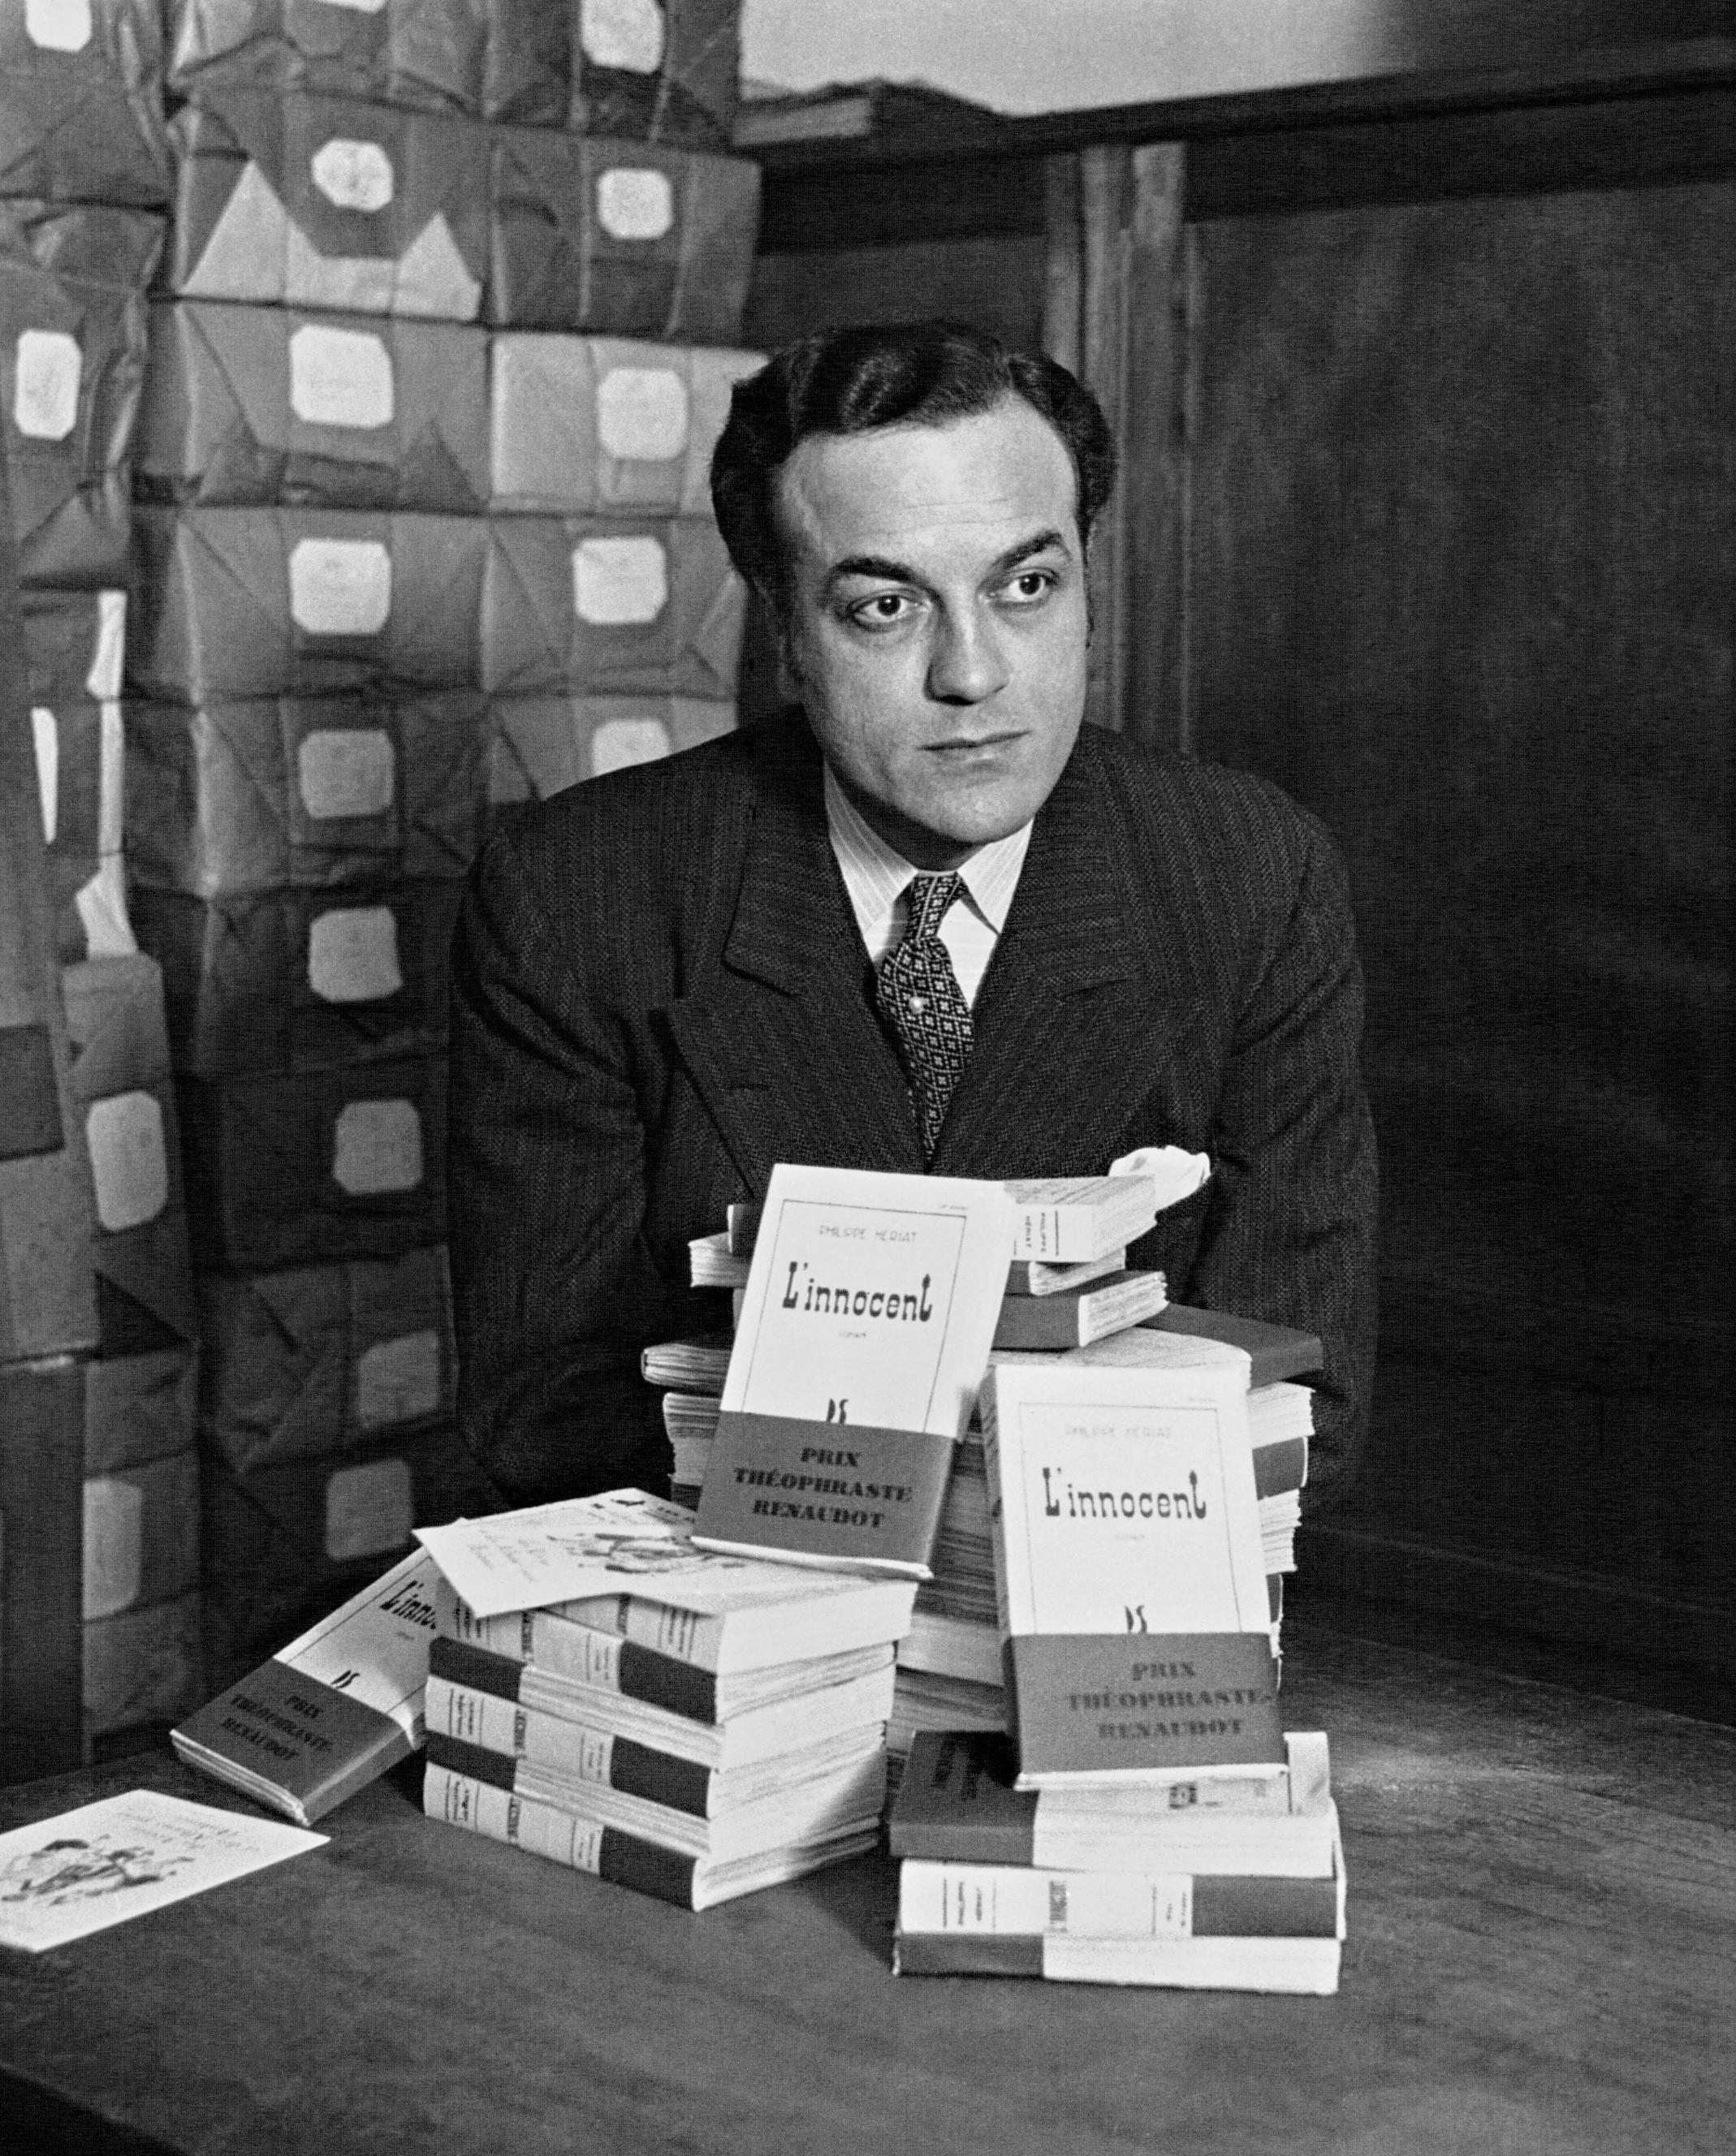 Philippe Hériat, 1931